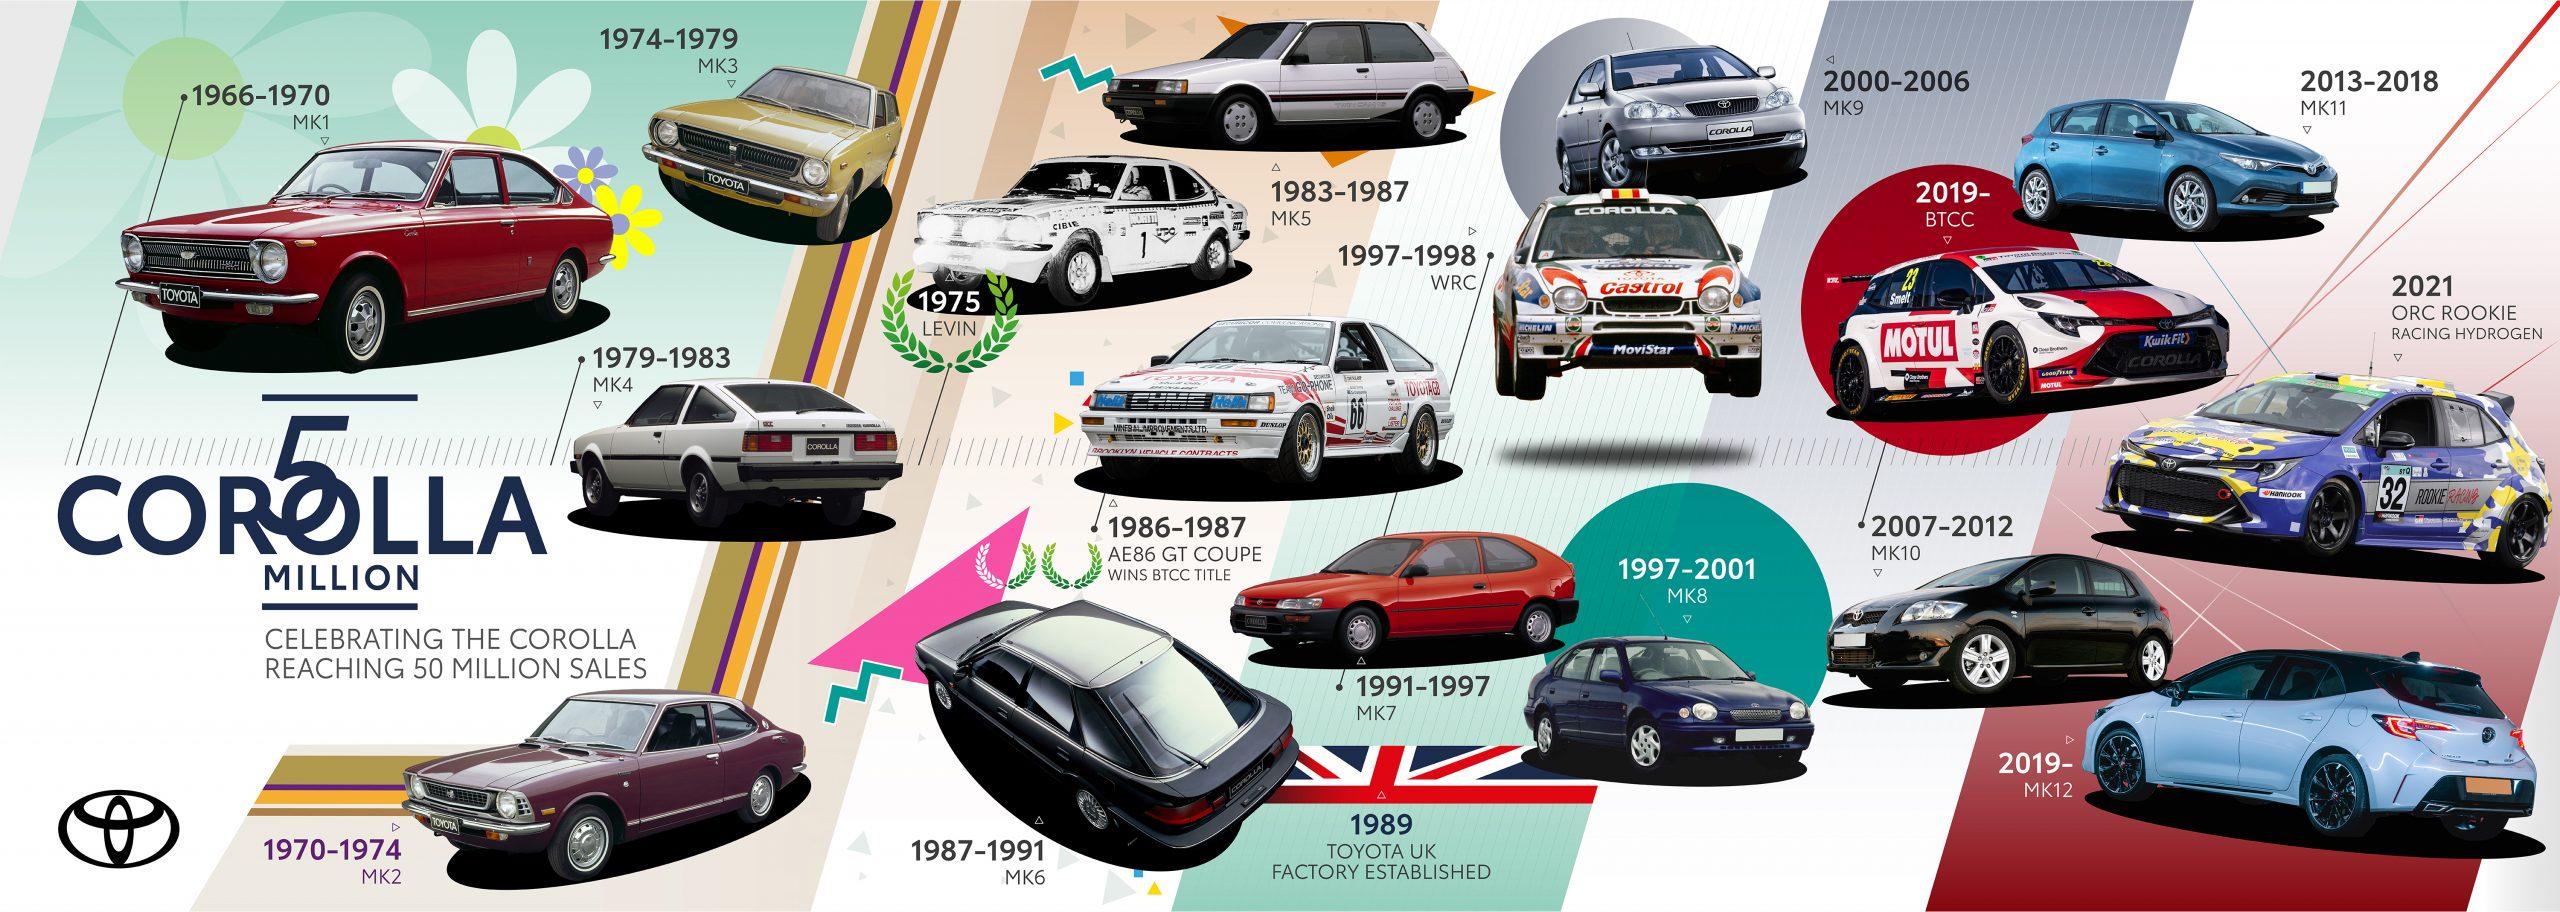 Corolla-360-Timeline-